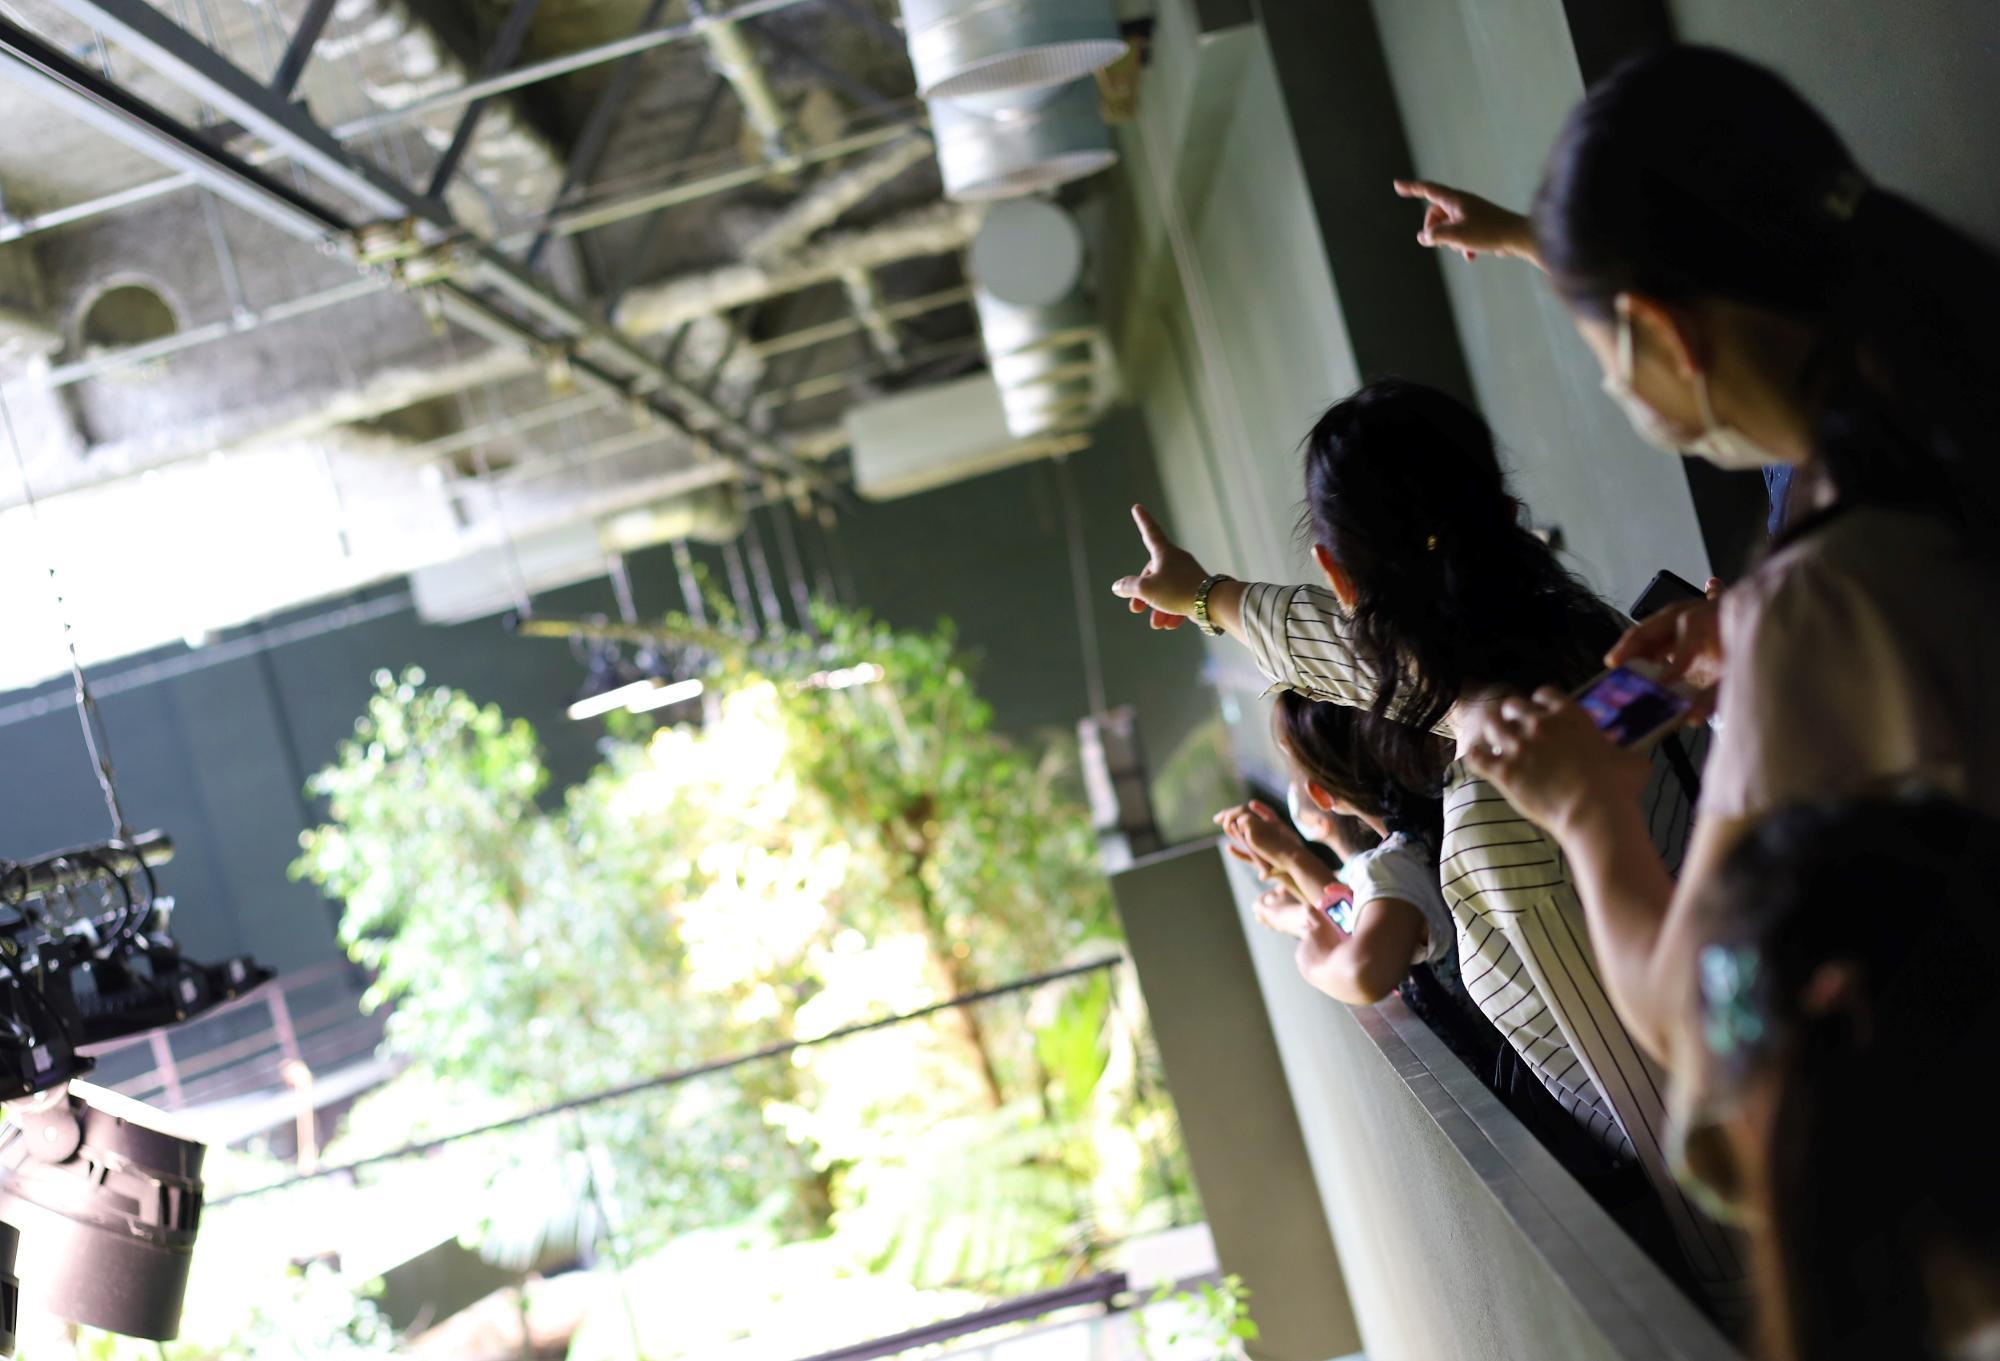 ジャングルを模した環境に実際に入って展示場の内側から生きものを観察。